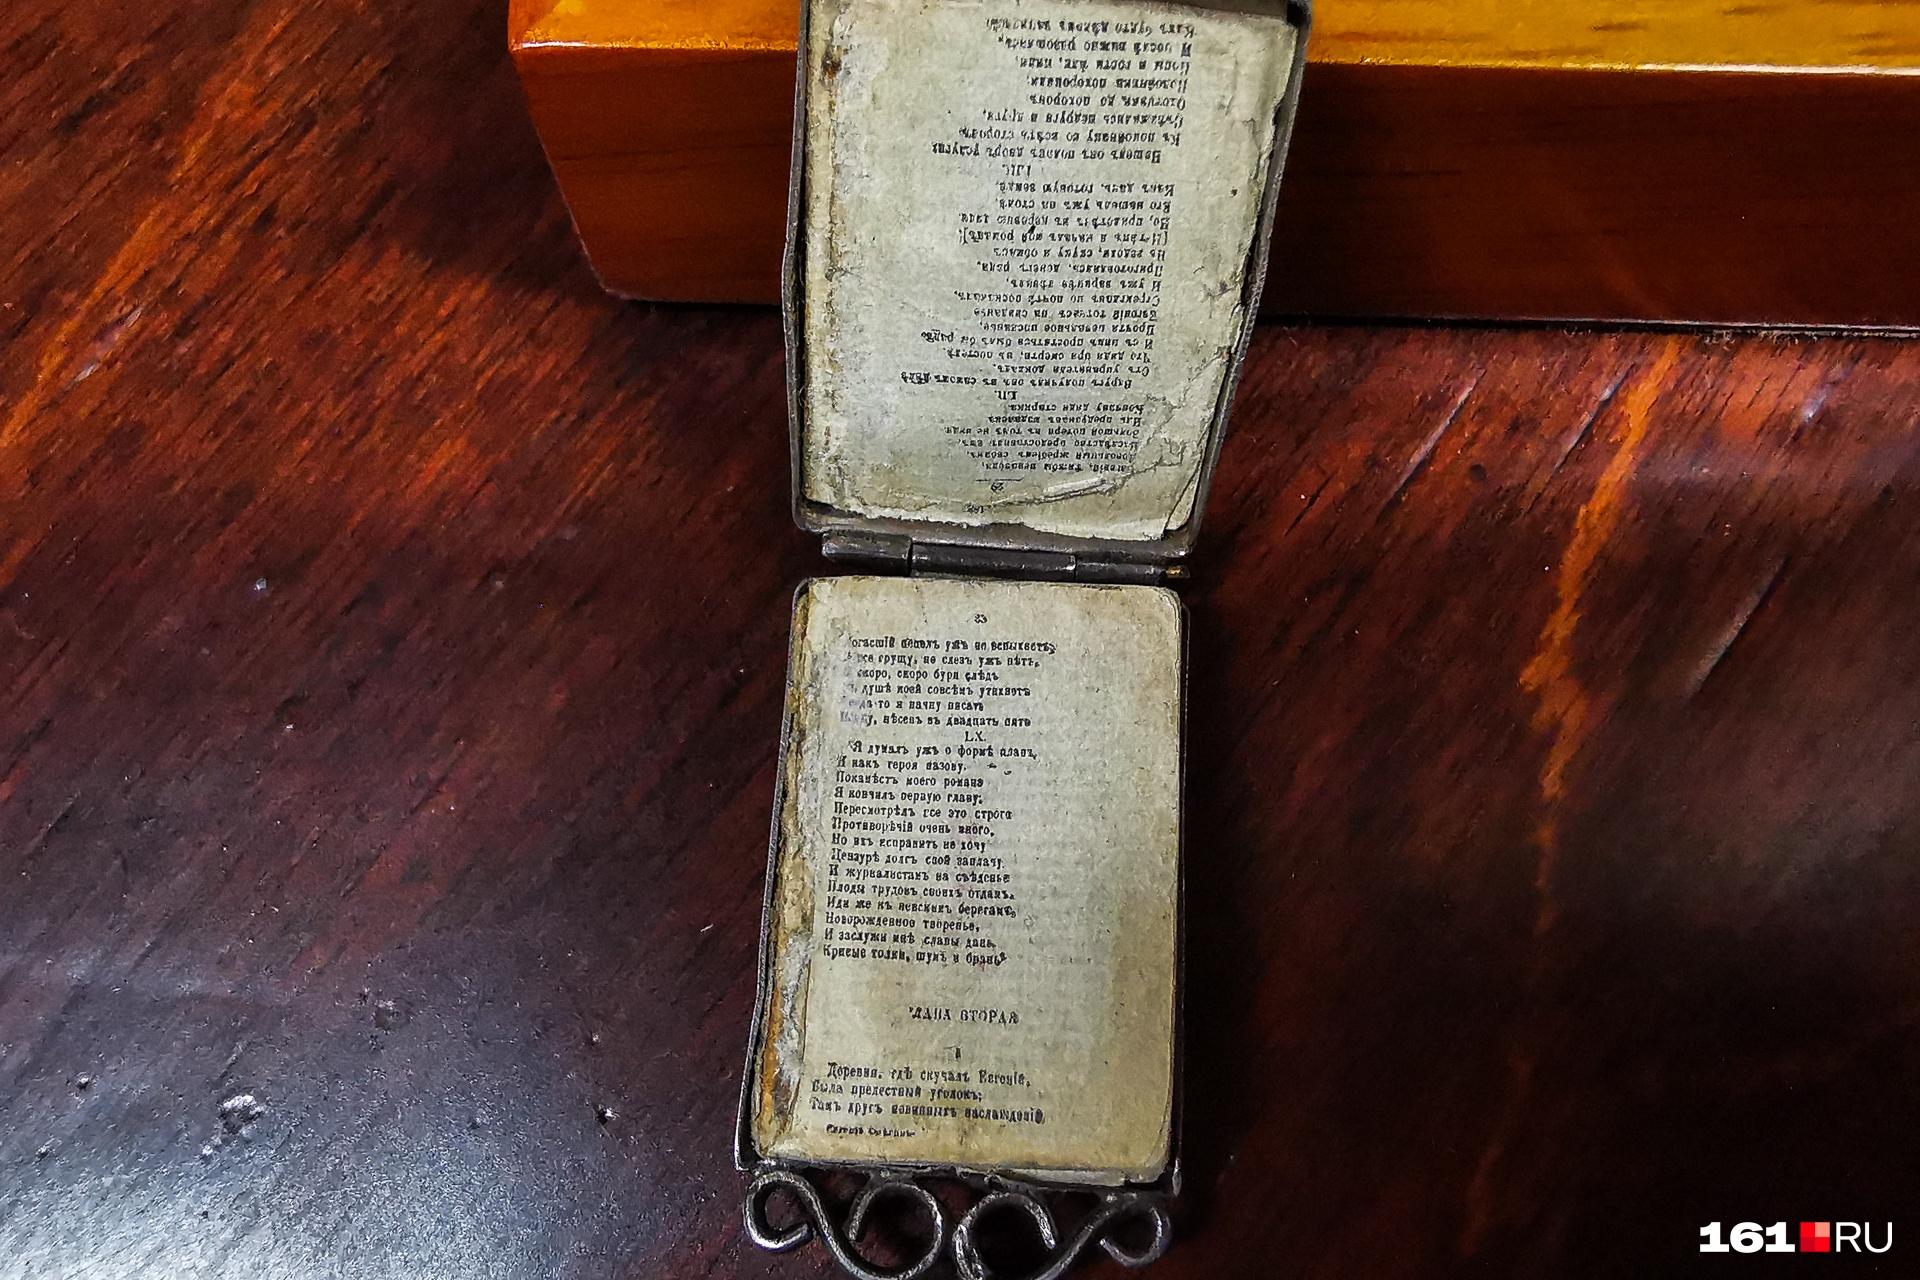 Длина 3 см, ширина 2 см. Ее издали в 1899 году к 100-летию со дня рождения Александра Пушкина